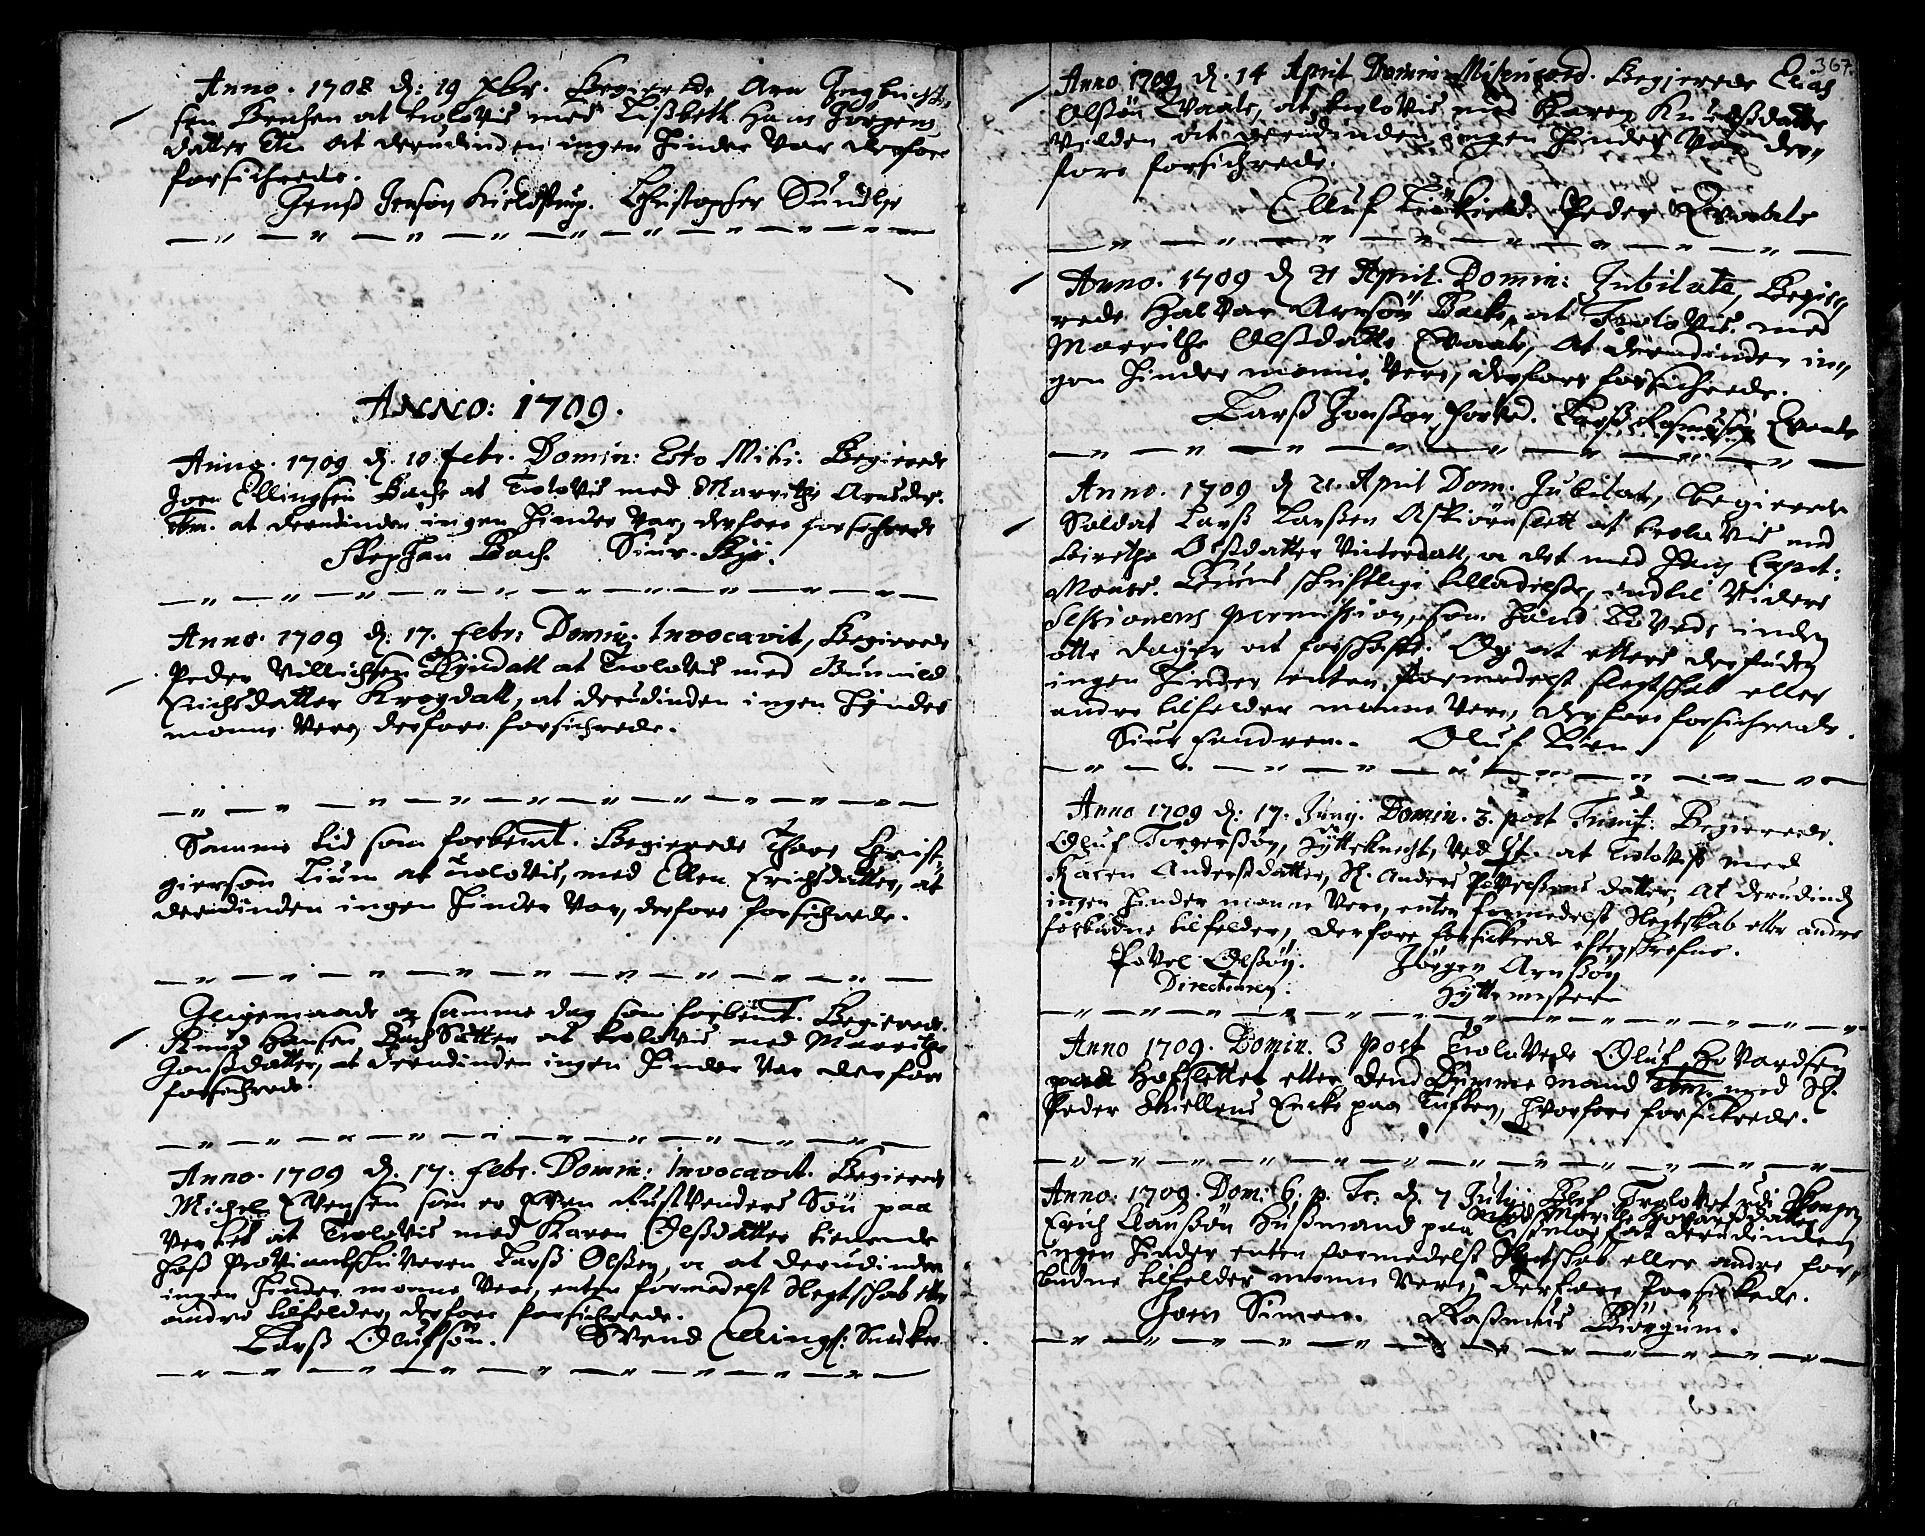 SAT, Ministerialprotokoller, klokkerbøker og fødselsregistre - Sør-Trøndelag, 668/L0801: Ministerialbok nr. 668A01, 1695-1716, s. 366-367